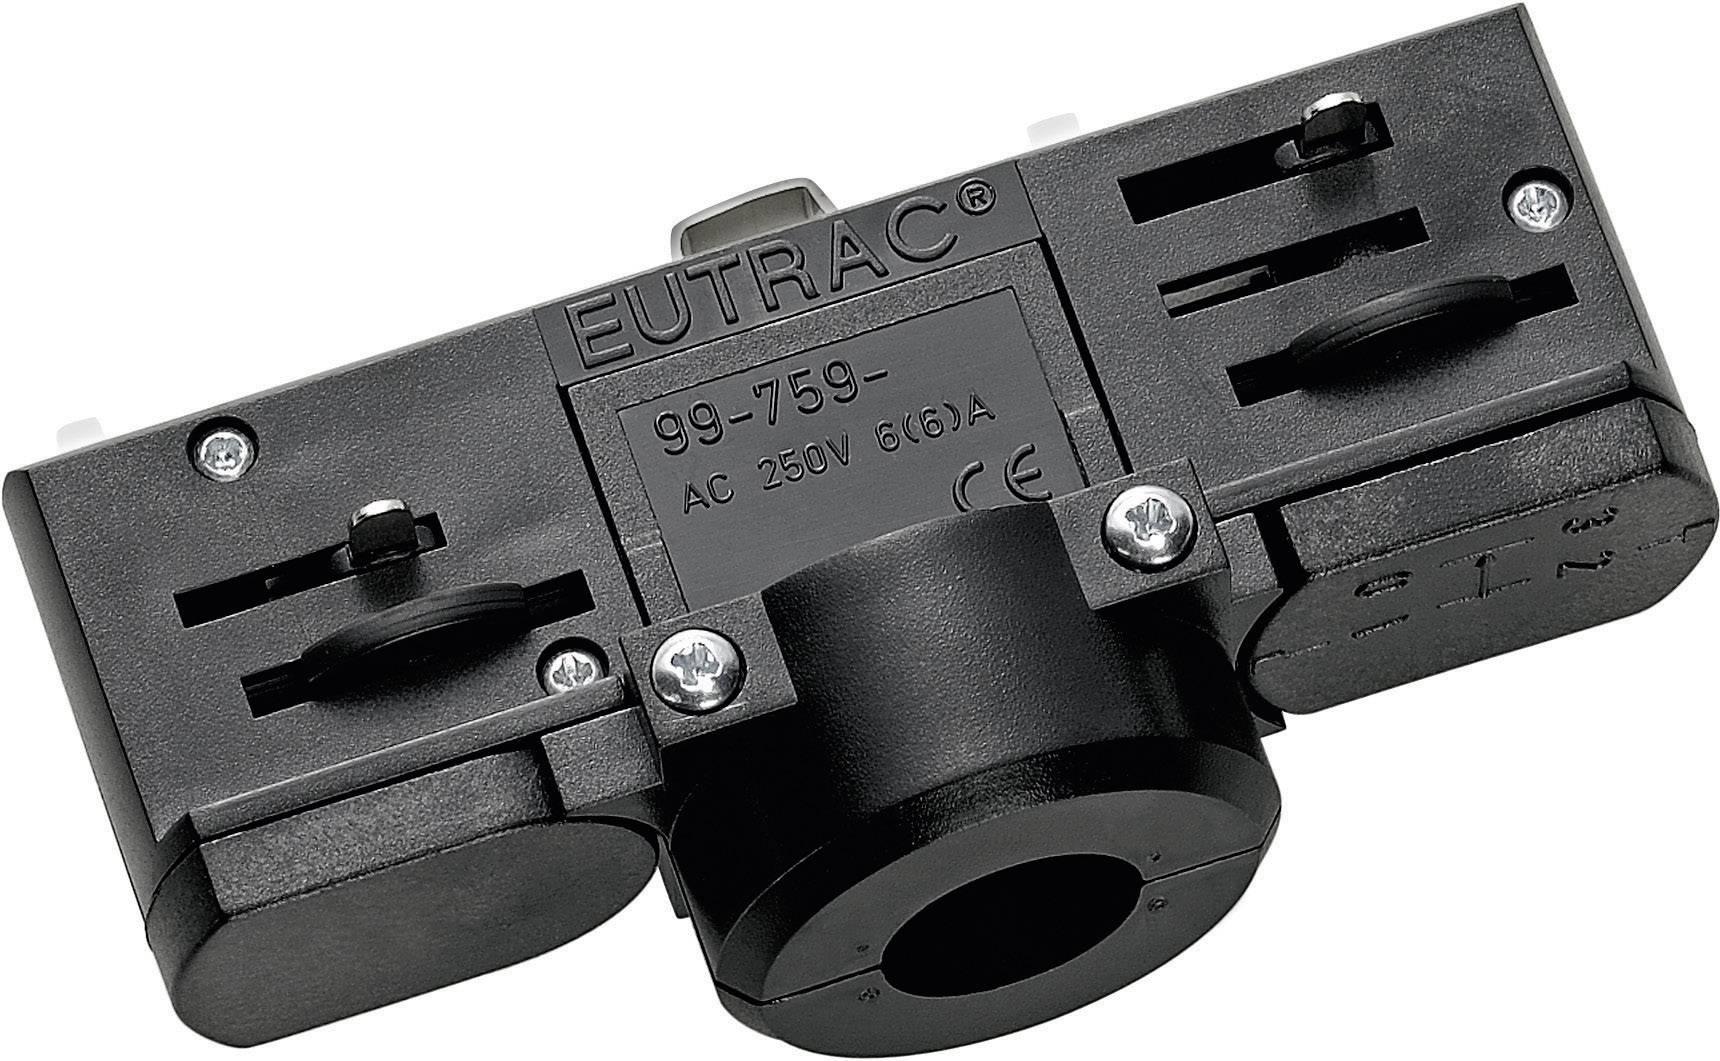 Adaptér lišty - vysokonapäť. komponent pre lištové systémy Eutrac 145991, biela